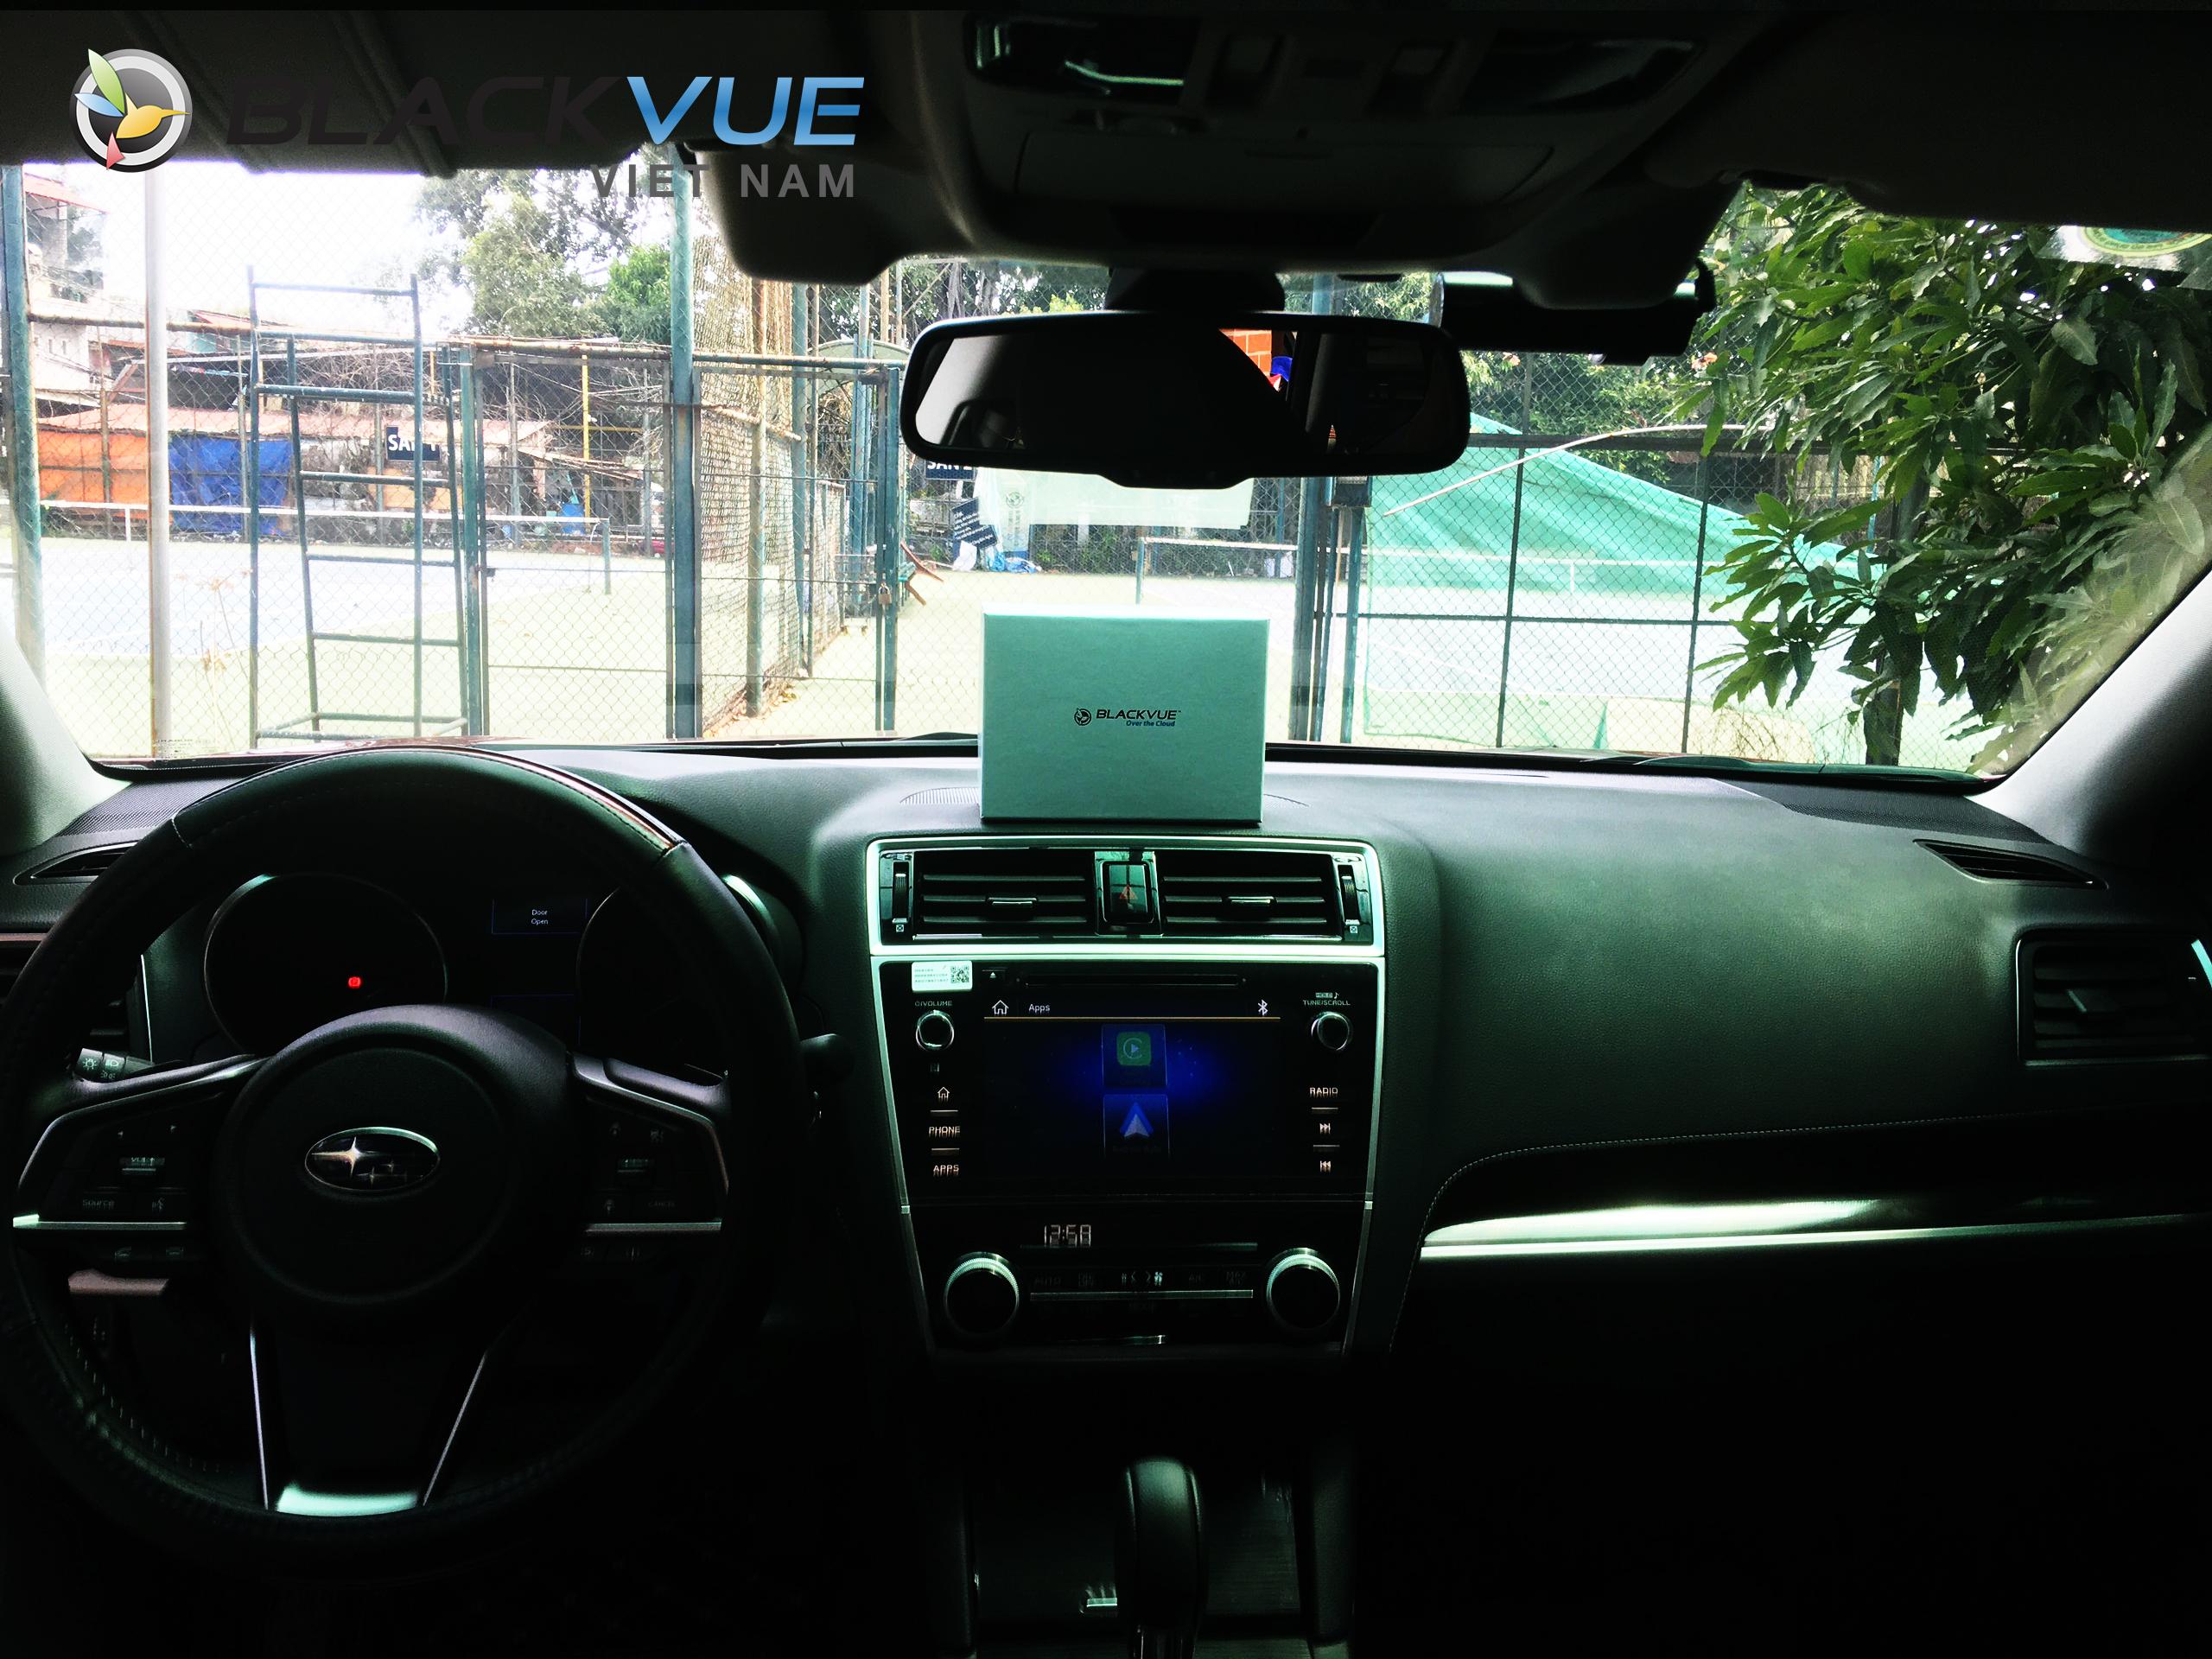 z2093951245549 7ec040e90cd32b52467cbc89fa661074 - Blackvue phù hợp với mọi loại xe ô tô